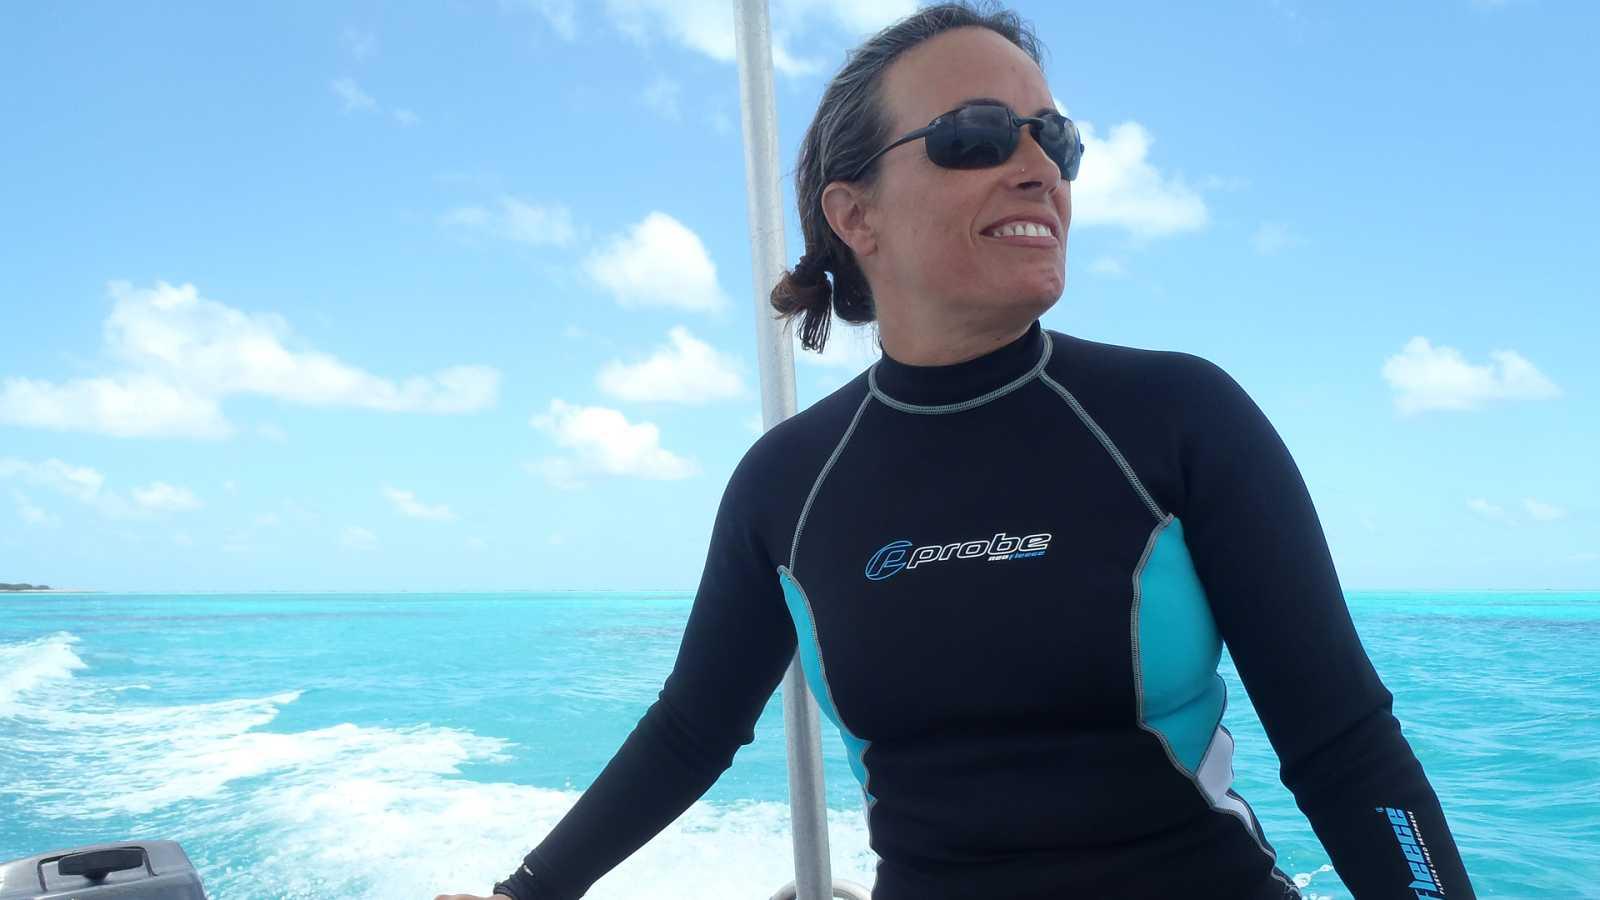 Punto de enlace - Ana Vila investiga protección de costas y ecosistemas en Australia - 11/05/21 - escuchar ahora